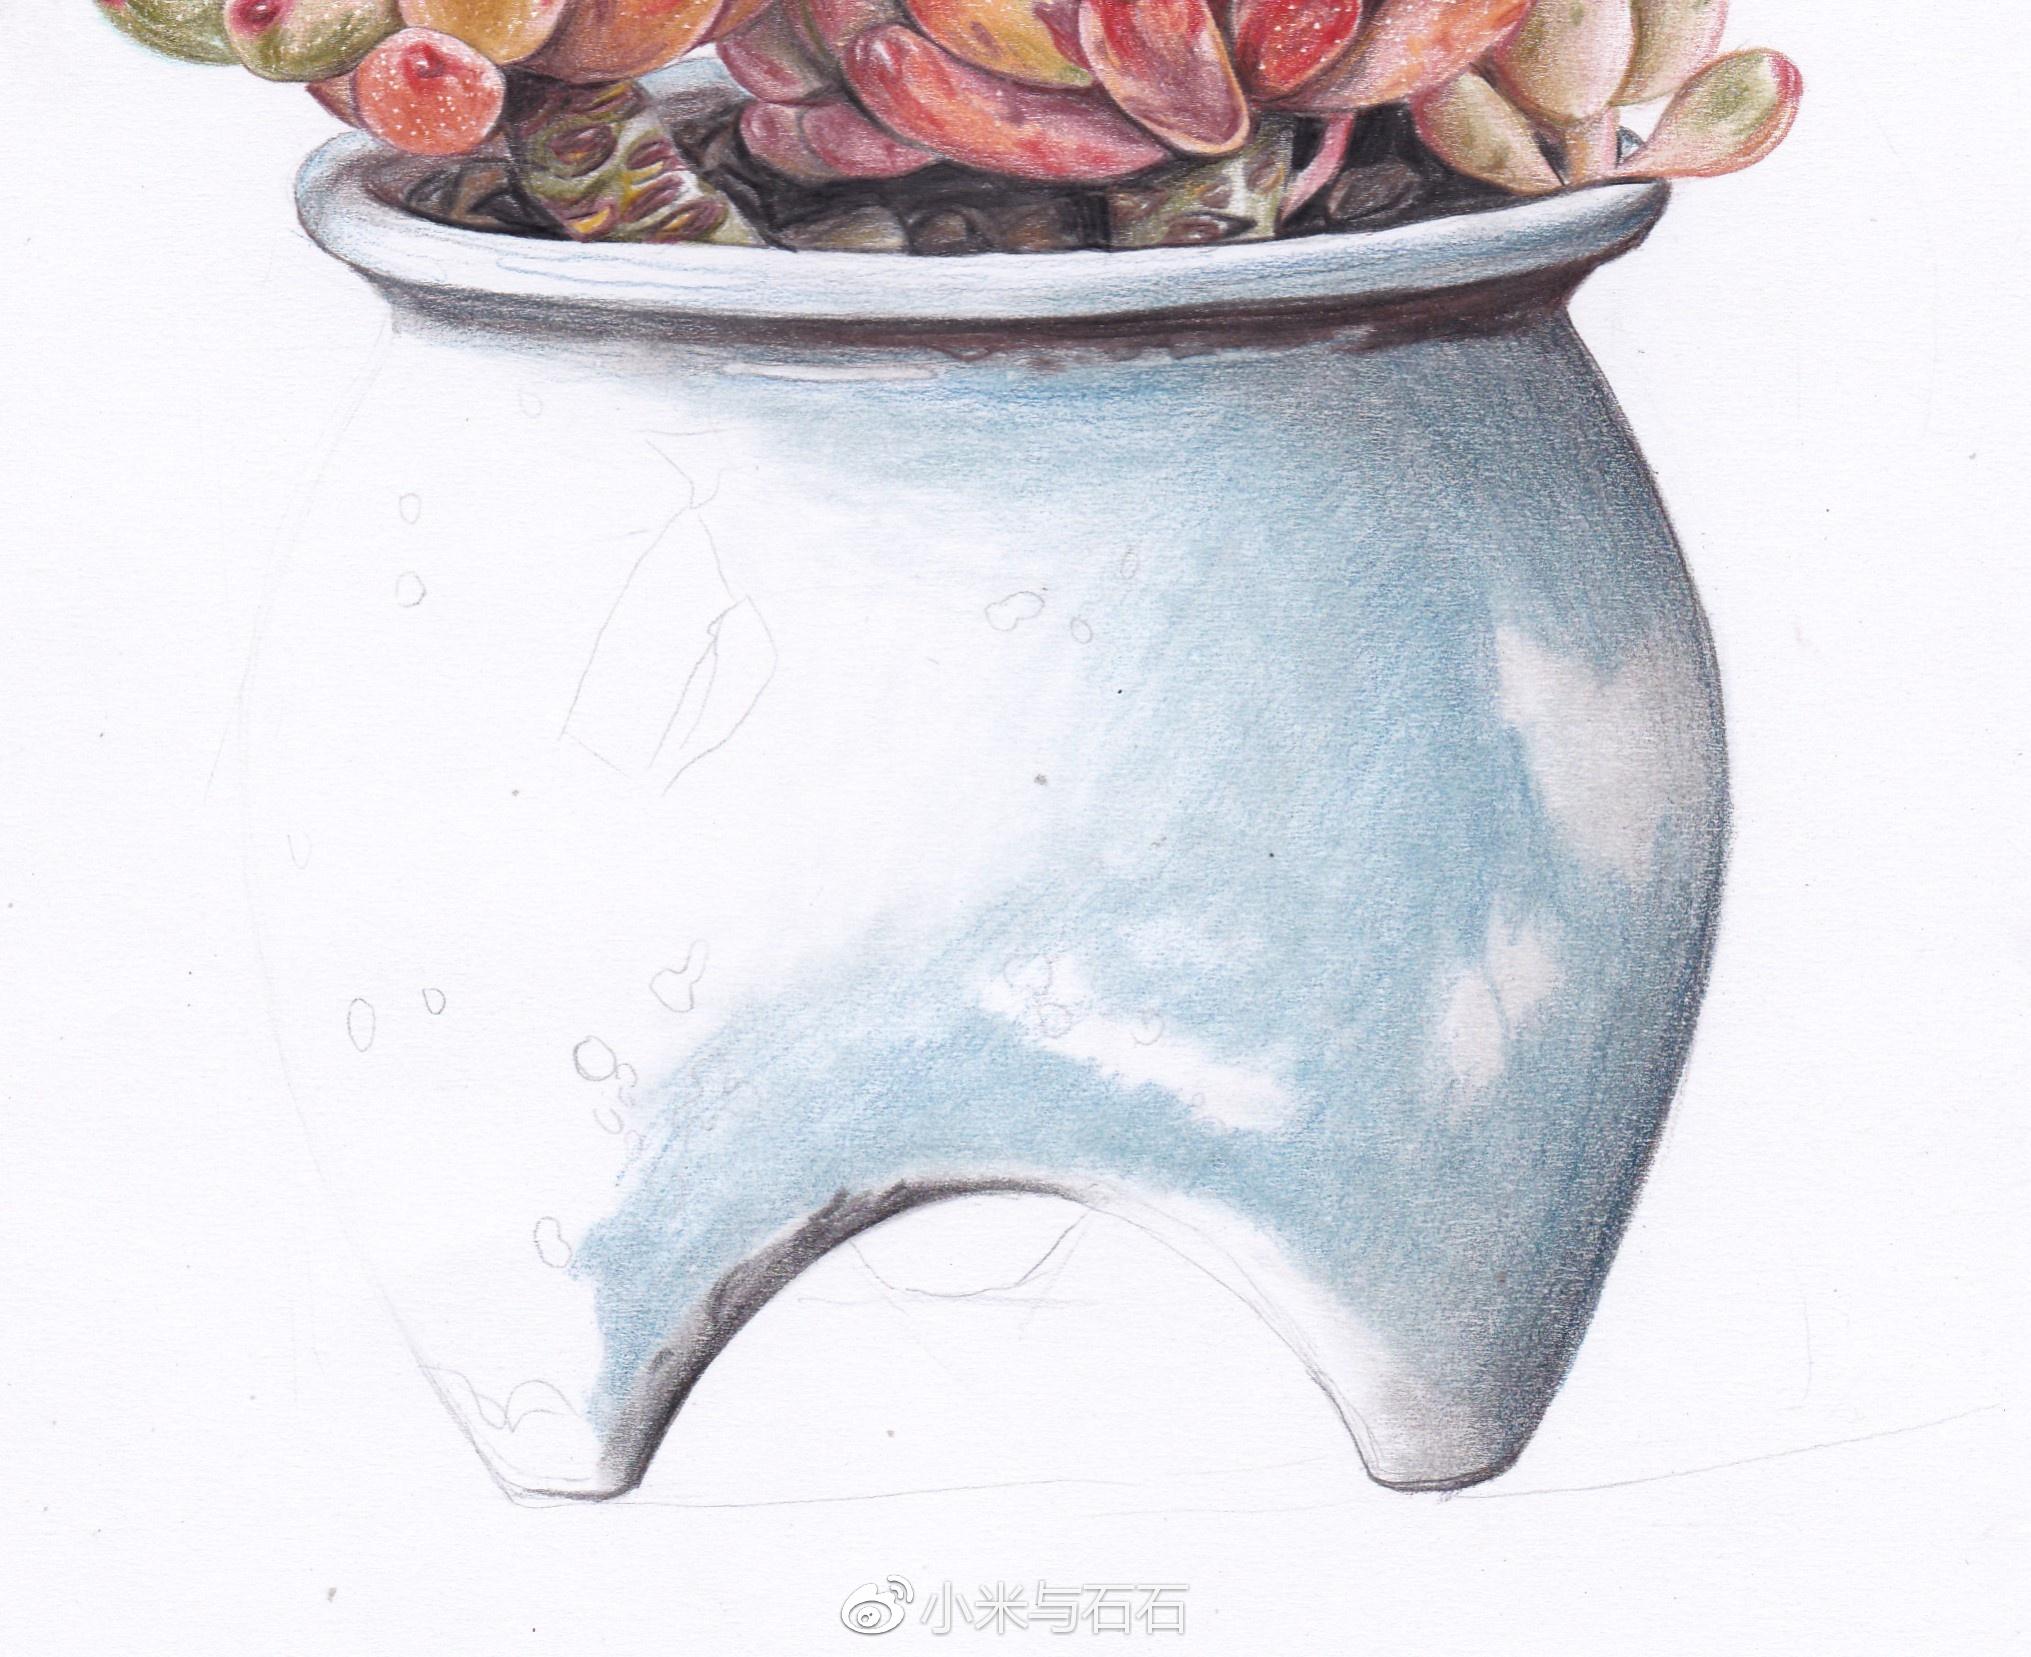 彩铅教程 | 小米与石石的彩铅手绘多肉-蓝豆(马可雷诺阿油性带色号)